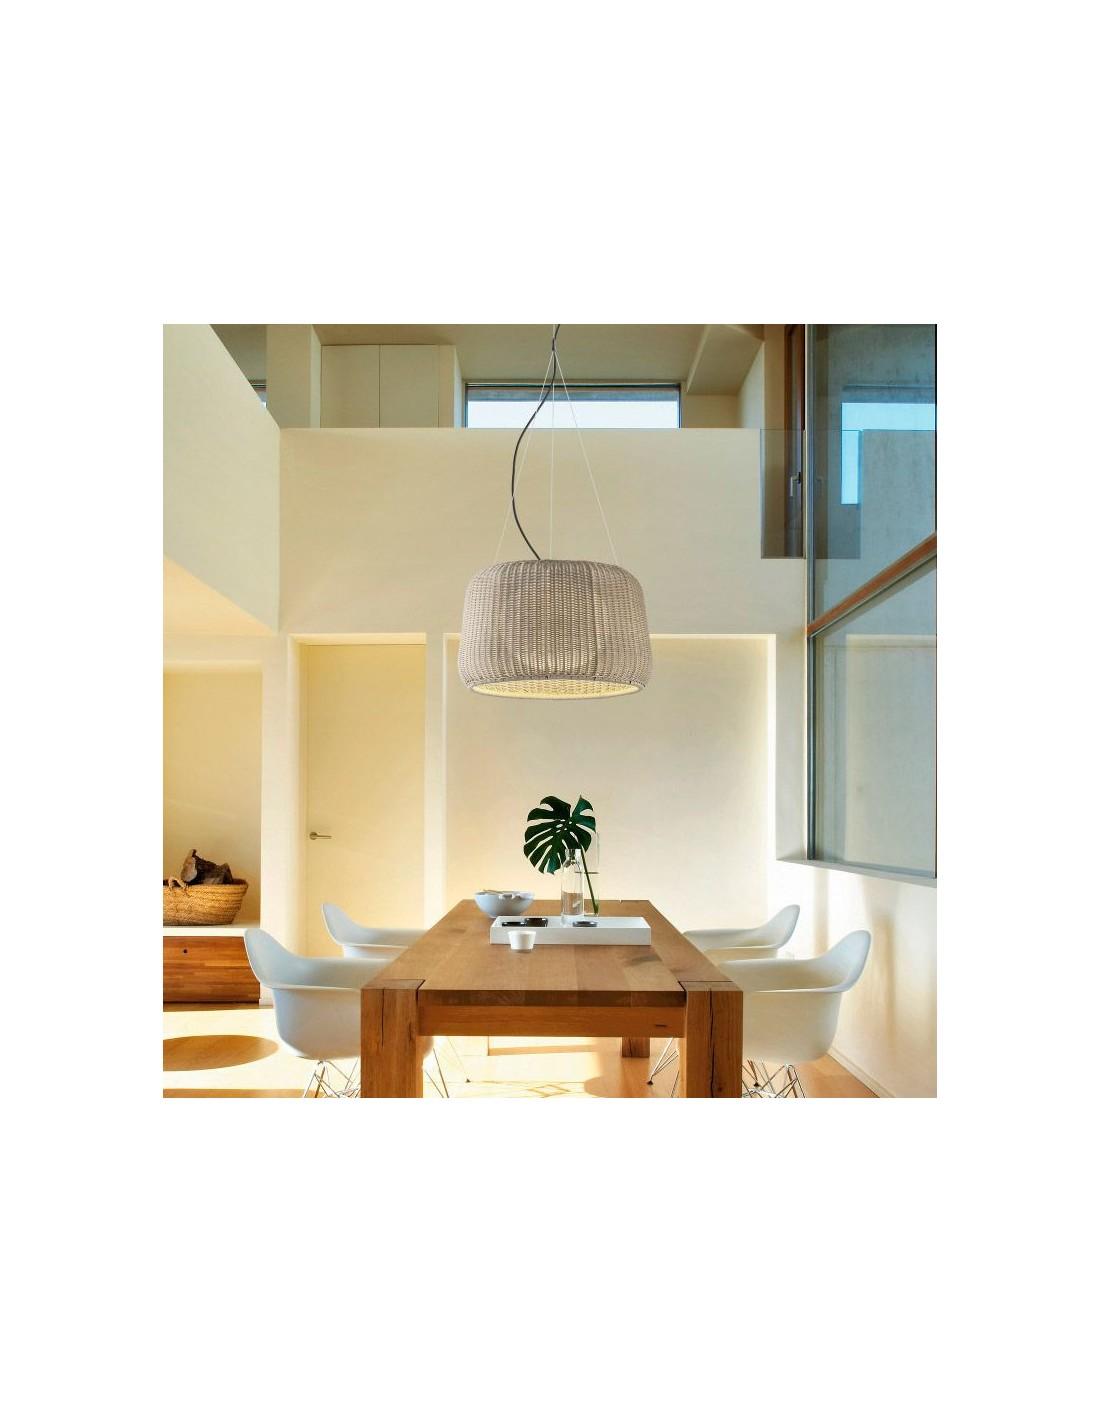 Éclairage d'une salle à manger avec a Suspension FORA S de couleur beige de la marque Bover chez Valente Design